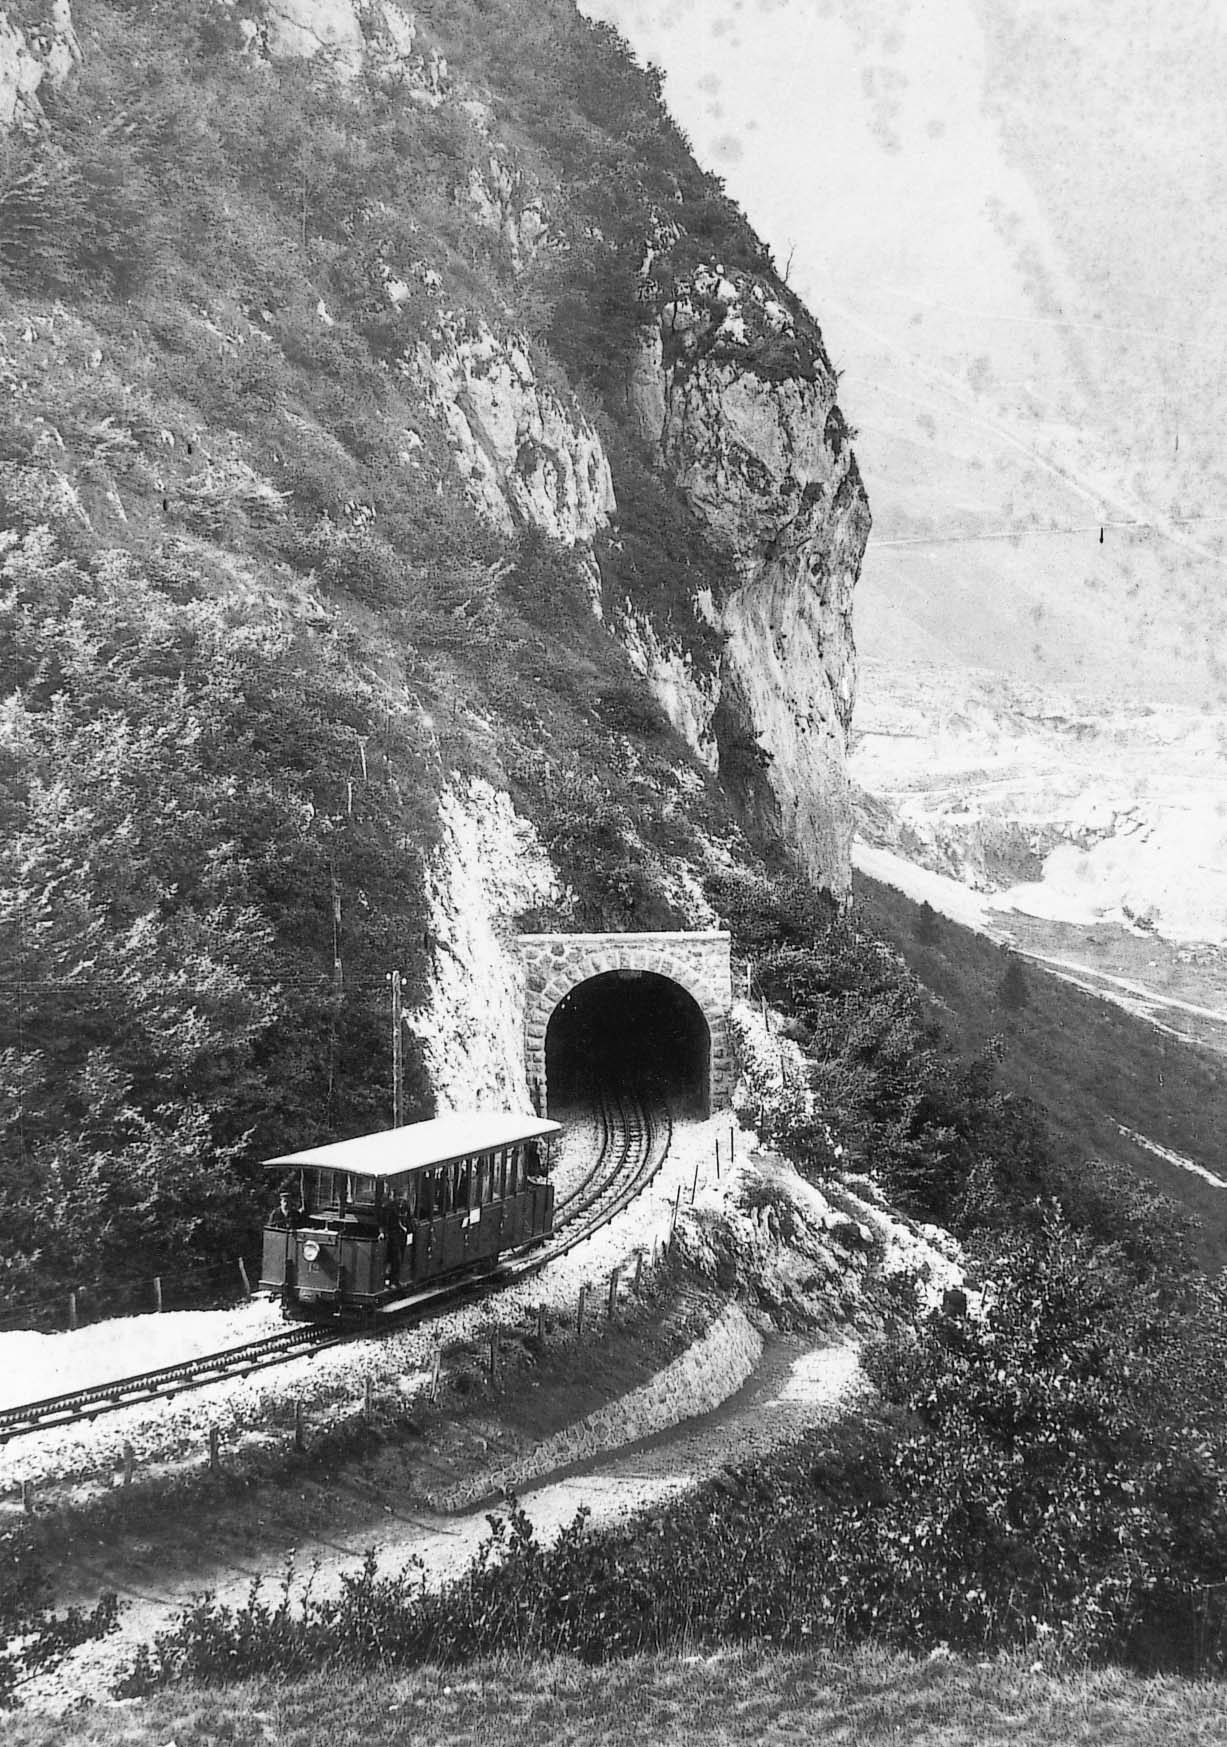 Transports de montagne et villes en pente 03-Histo-a